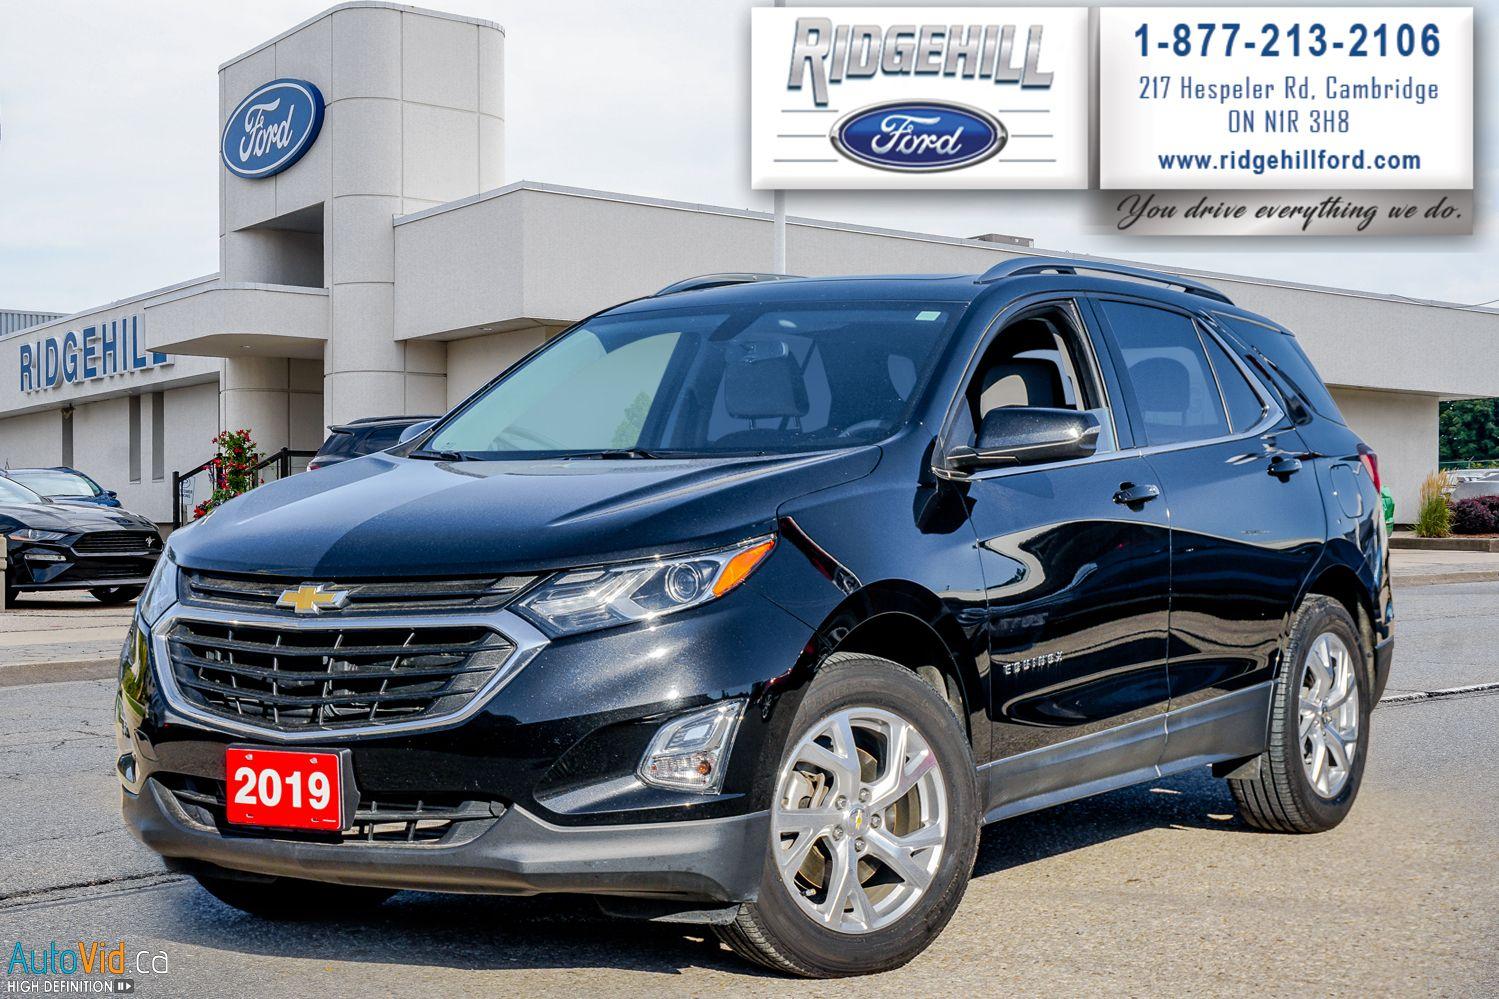 2019 Chevrolet Equinox Image